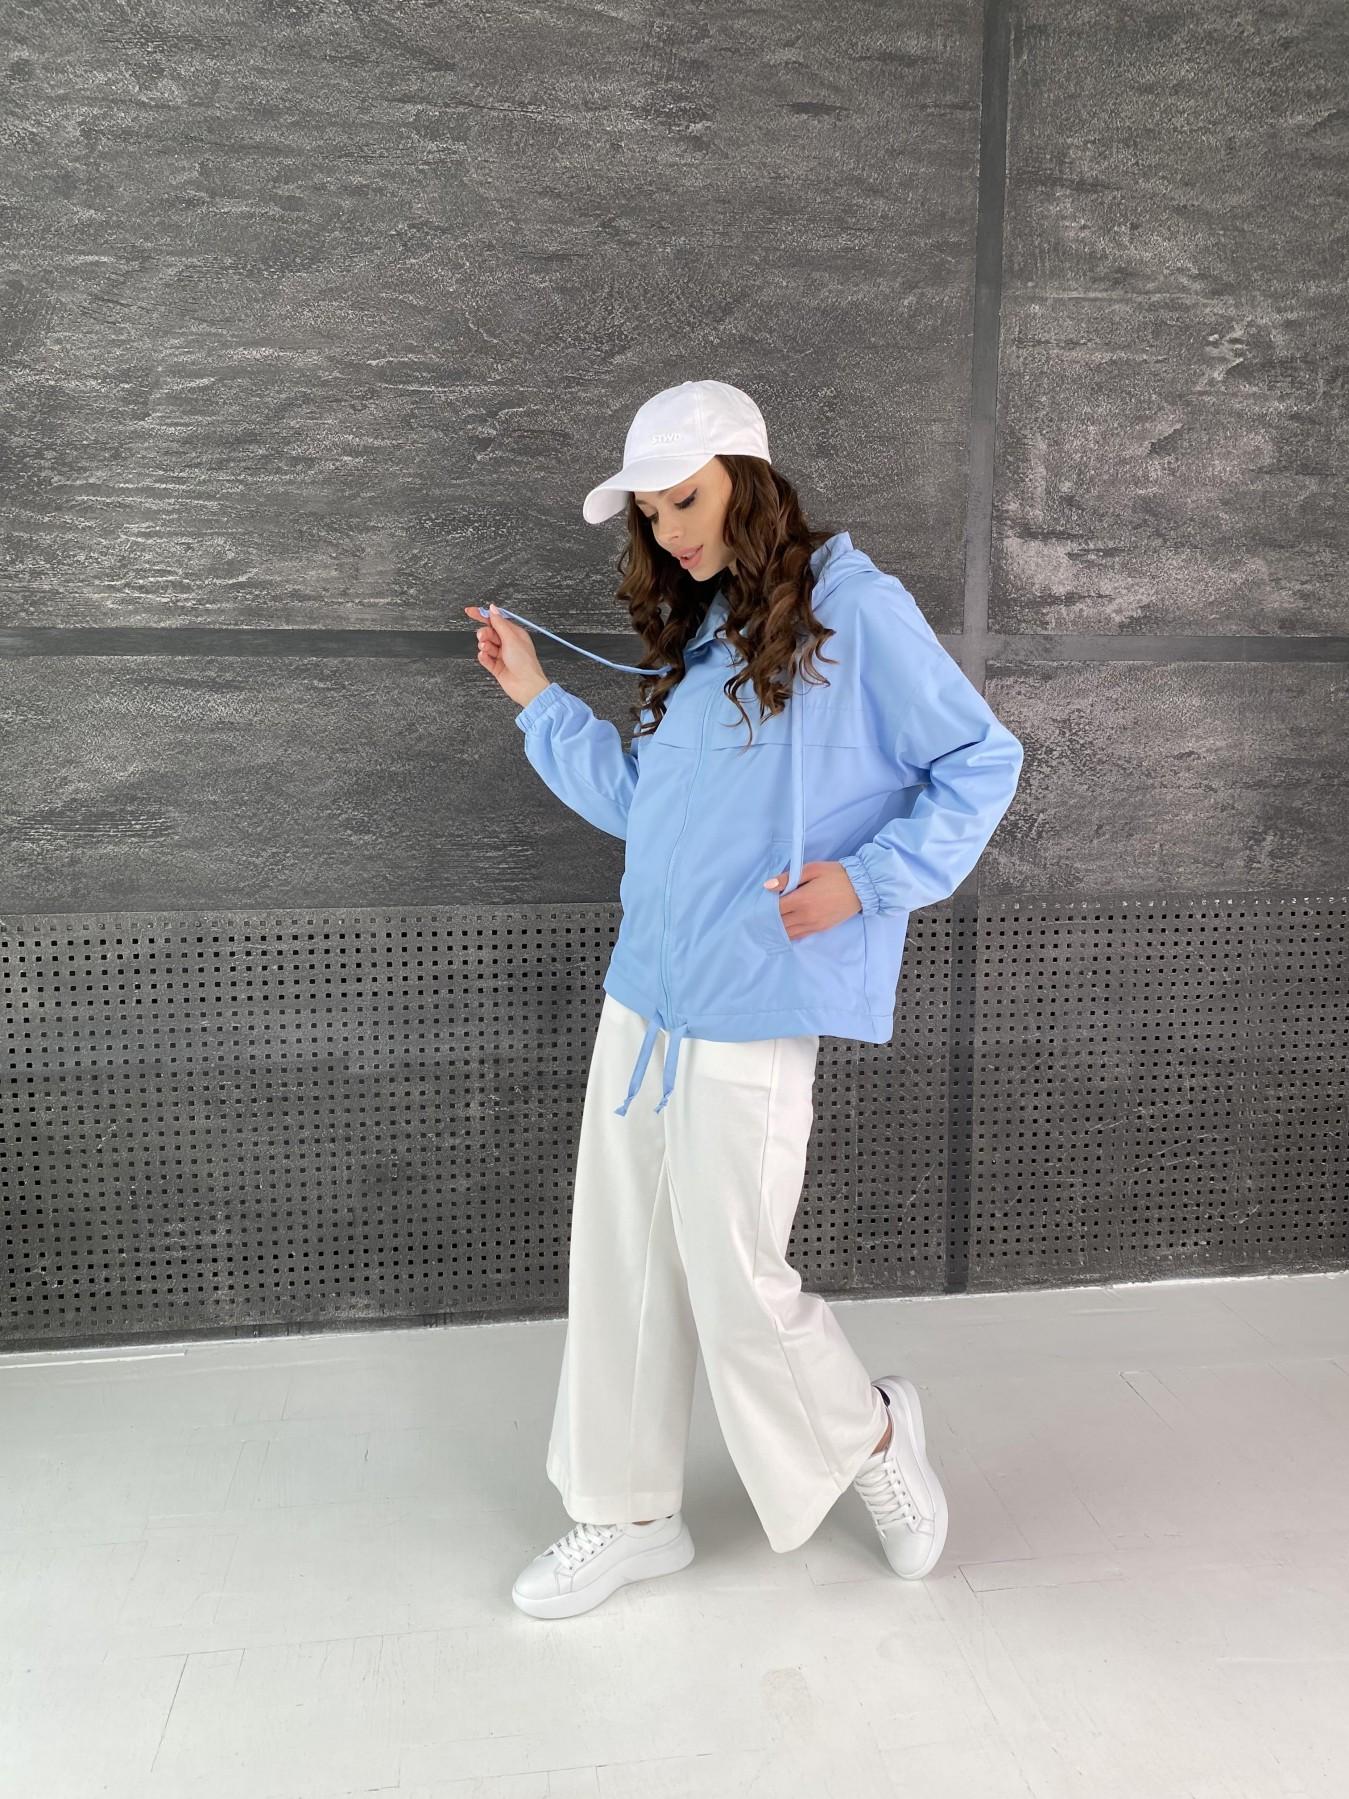 Фит куртка из плащевой ткани Ammy 11013 АРТ. 47593 Цвет: Голубой - фото 6, интернет магазин tm-modus.ru